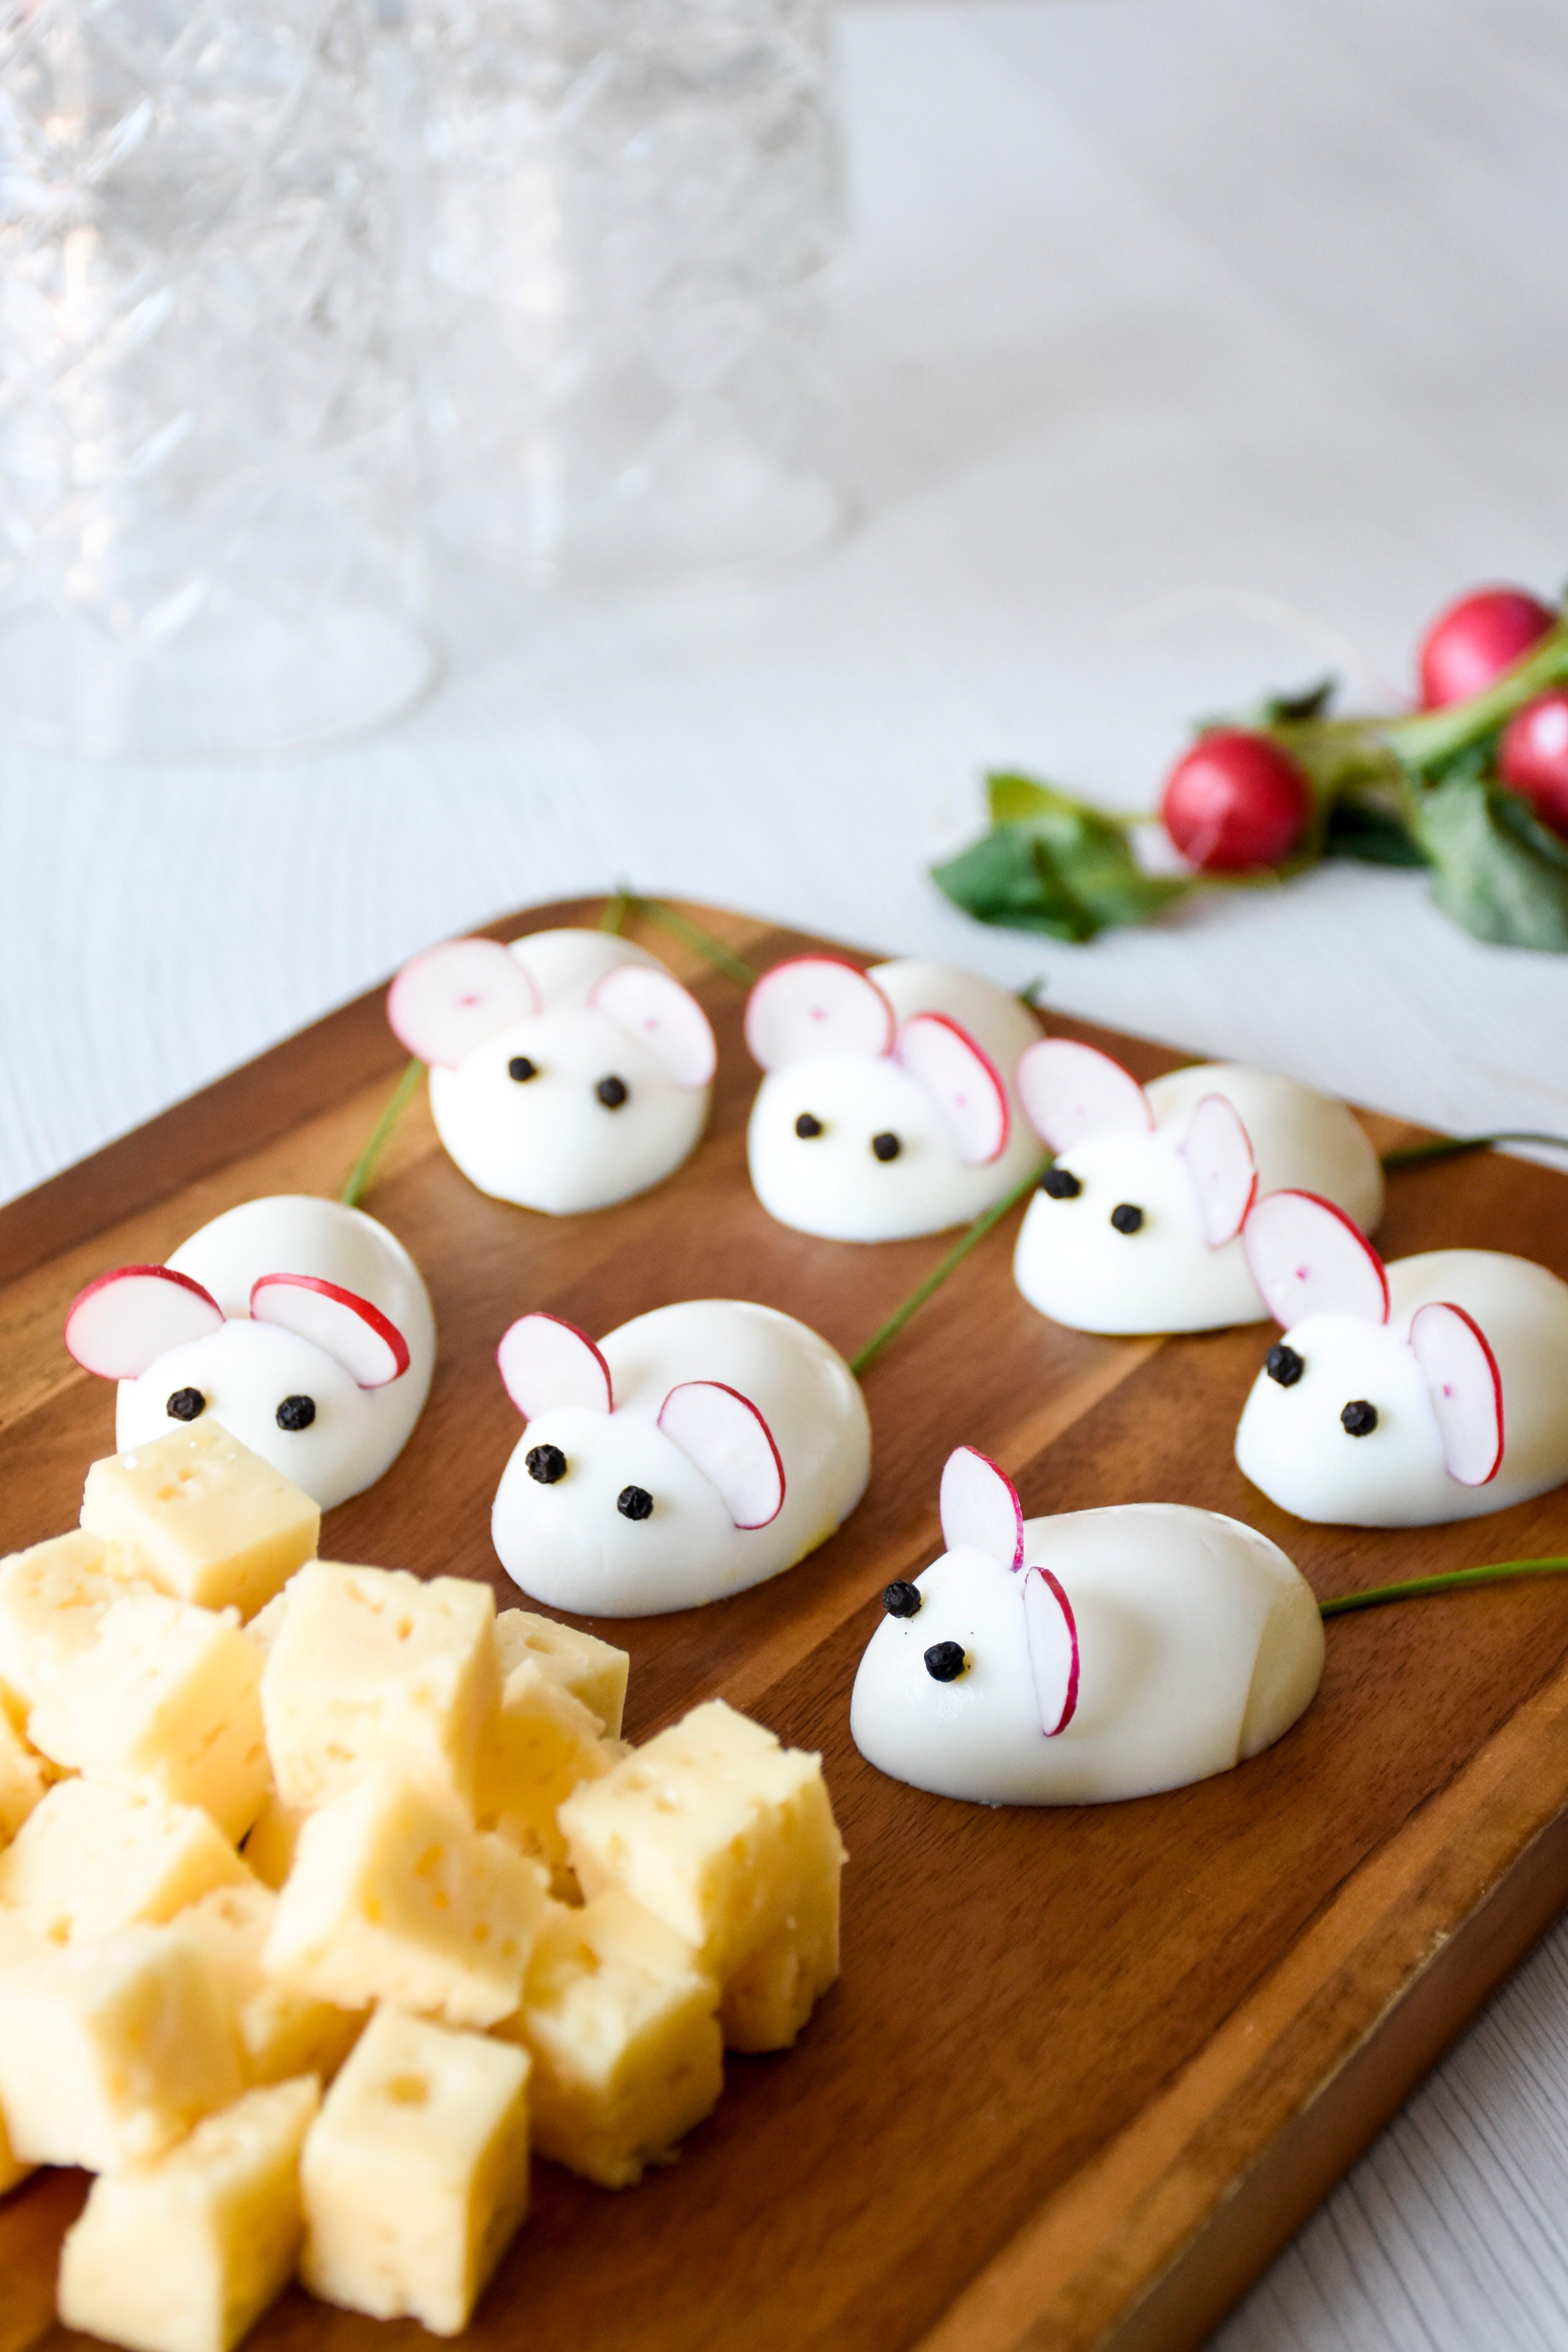 Keto egg mice